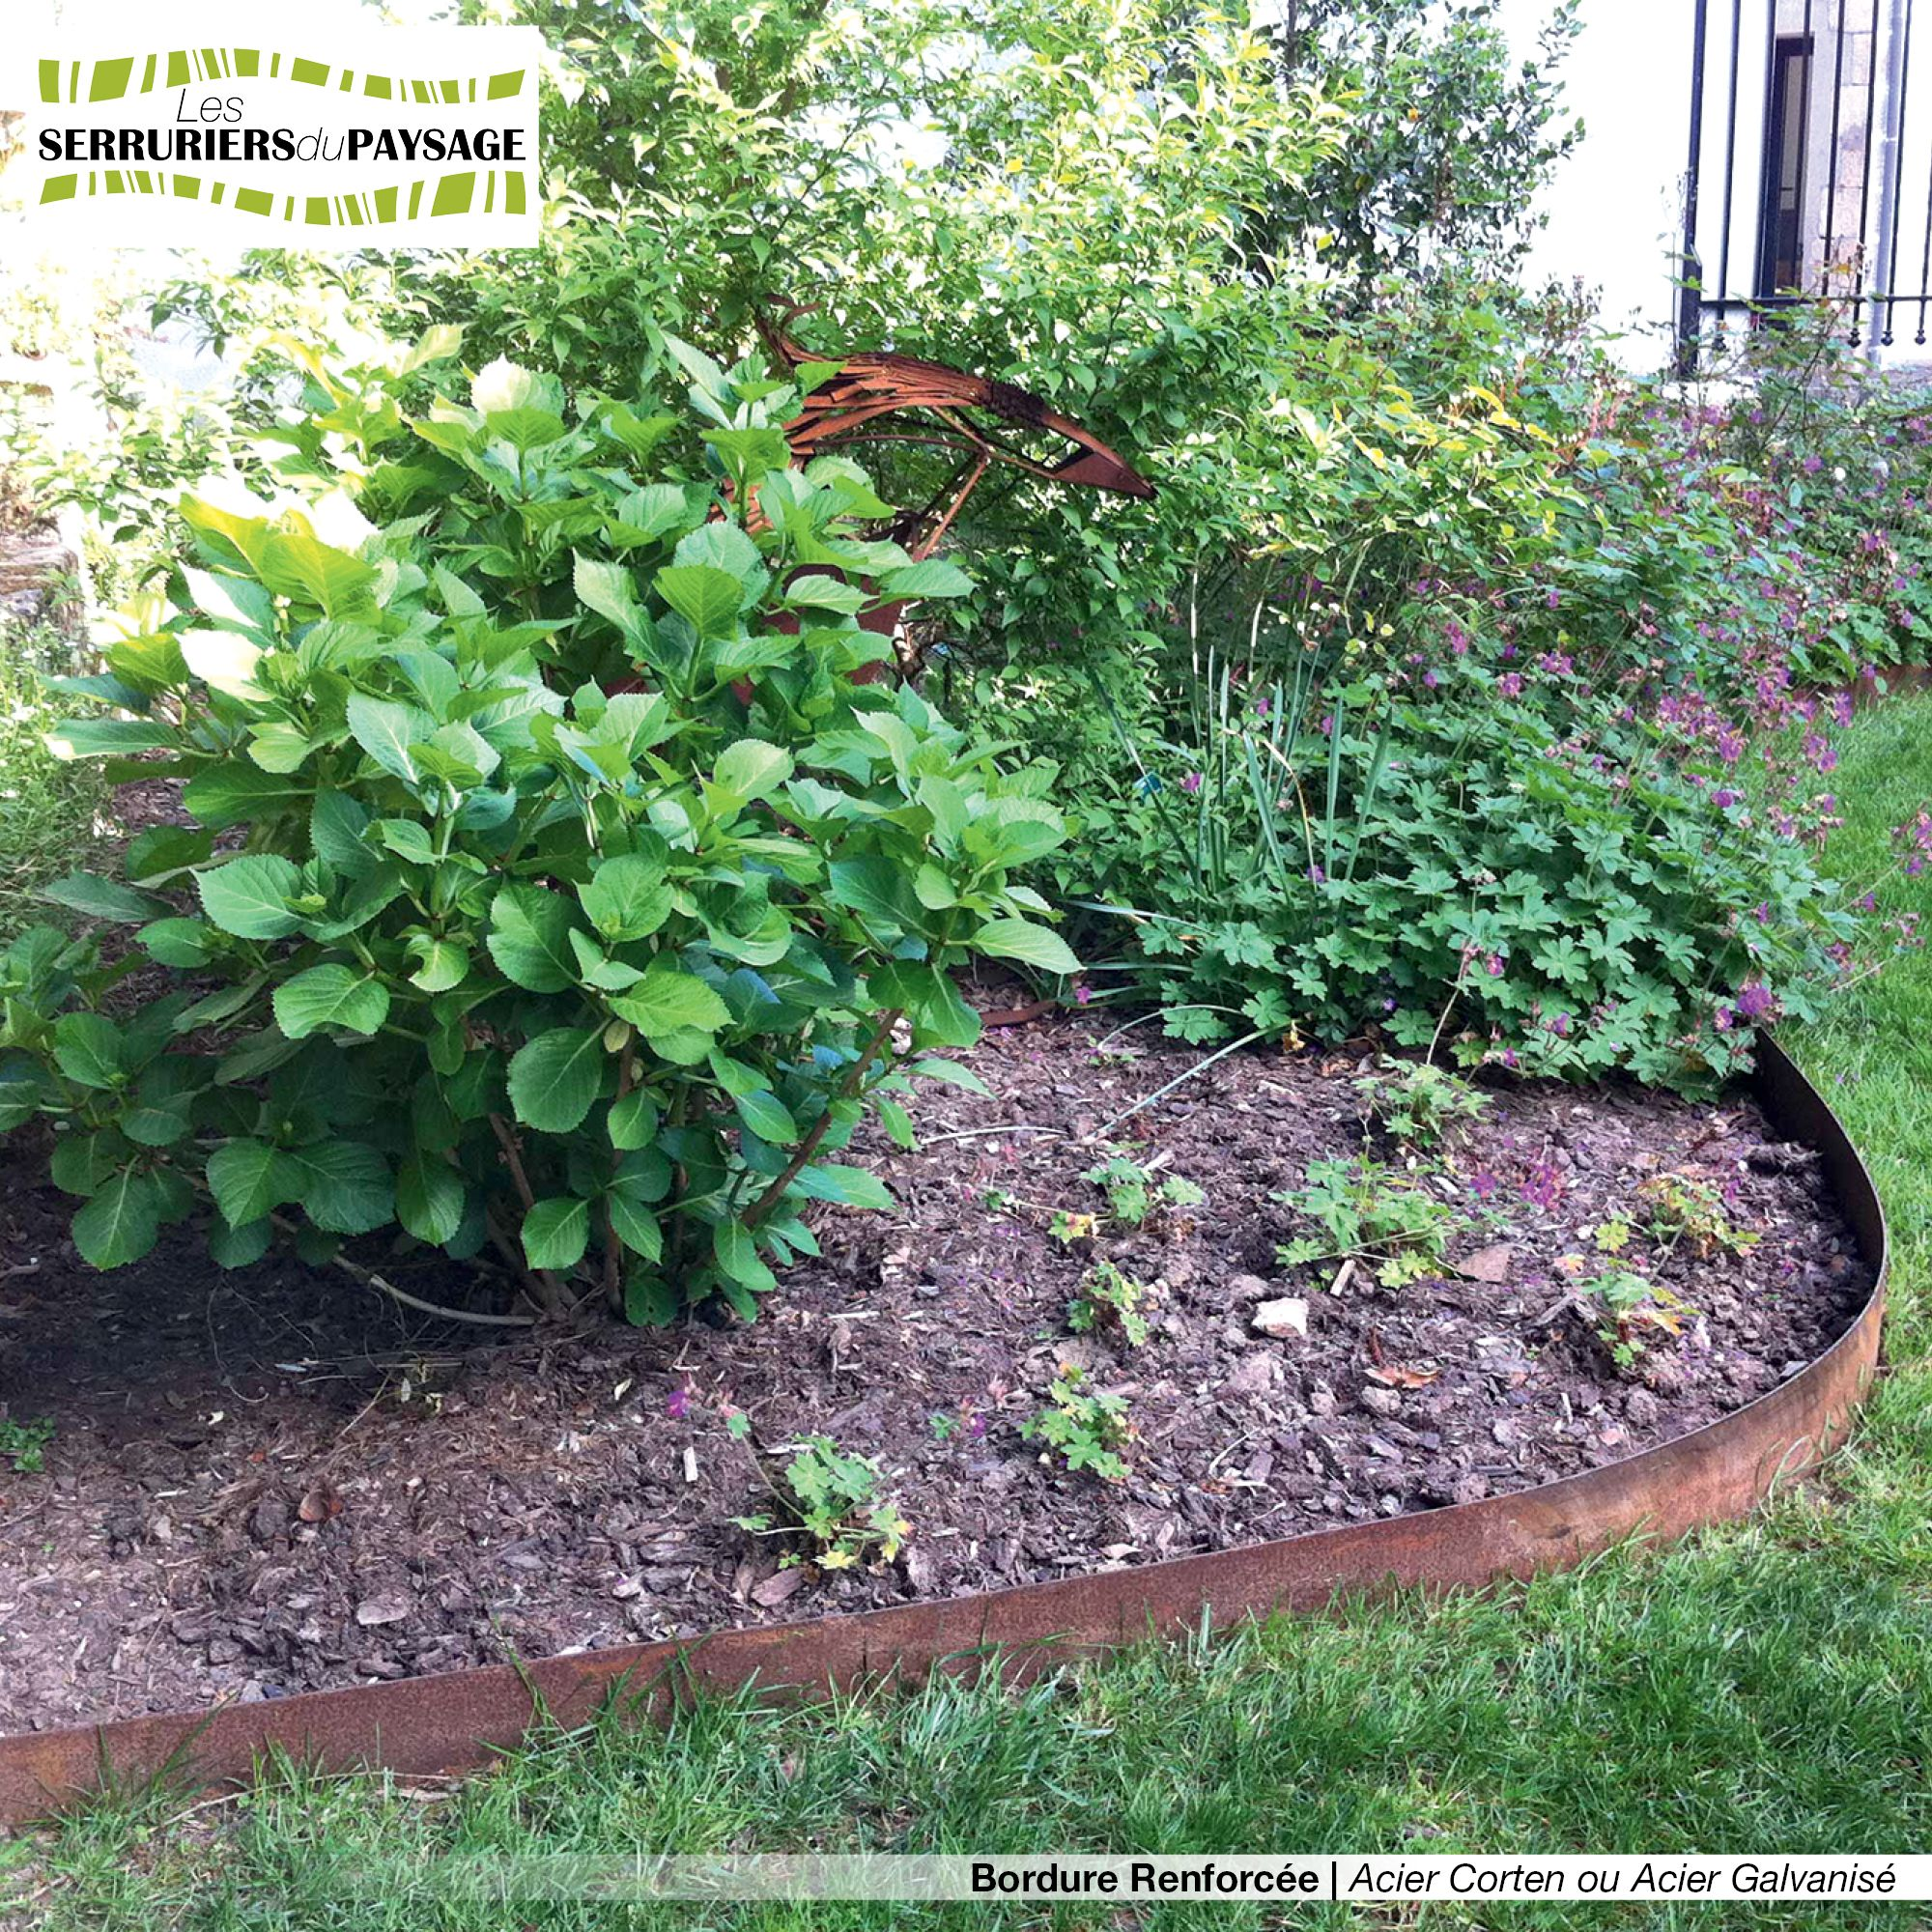 bordure de jardin en t le acier galvanis ou t le acier. Black Bedroom Furniture Sets. Home Design Ideas